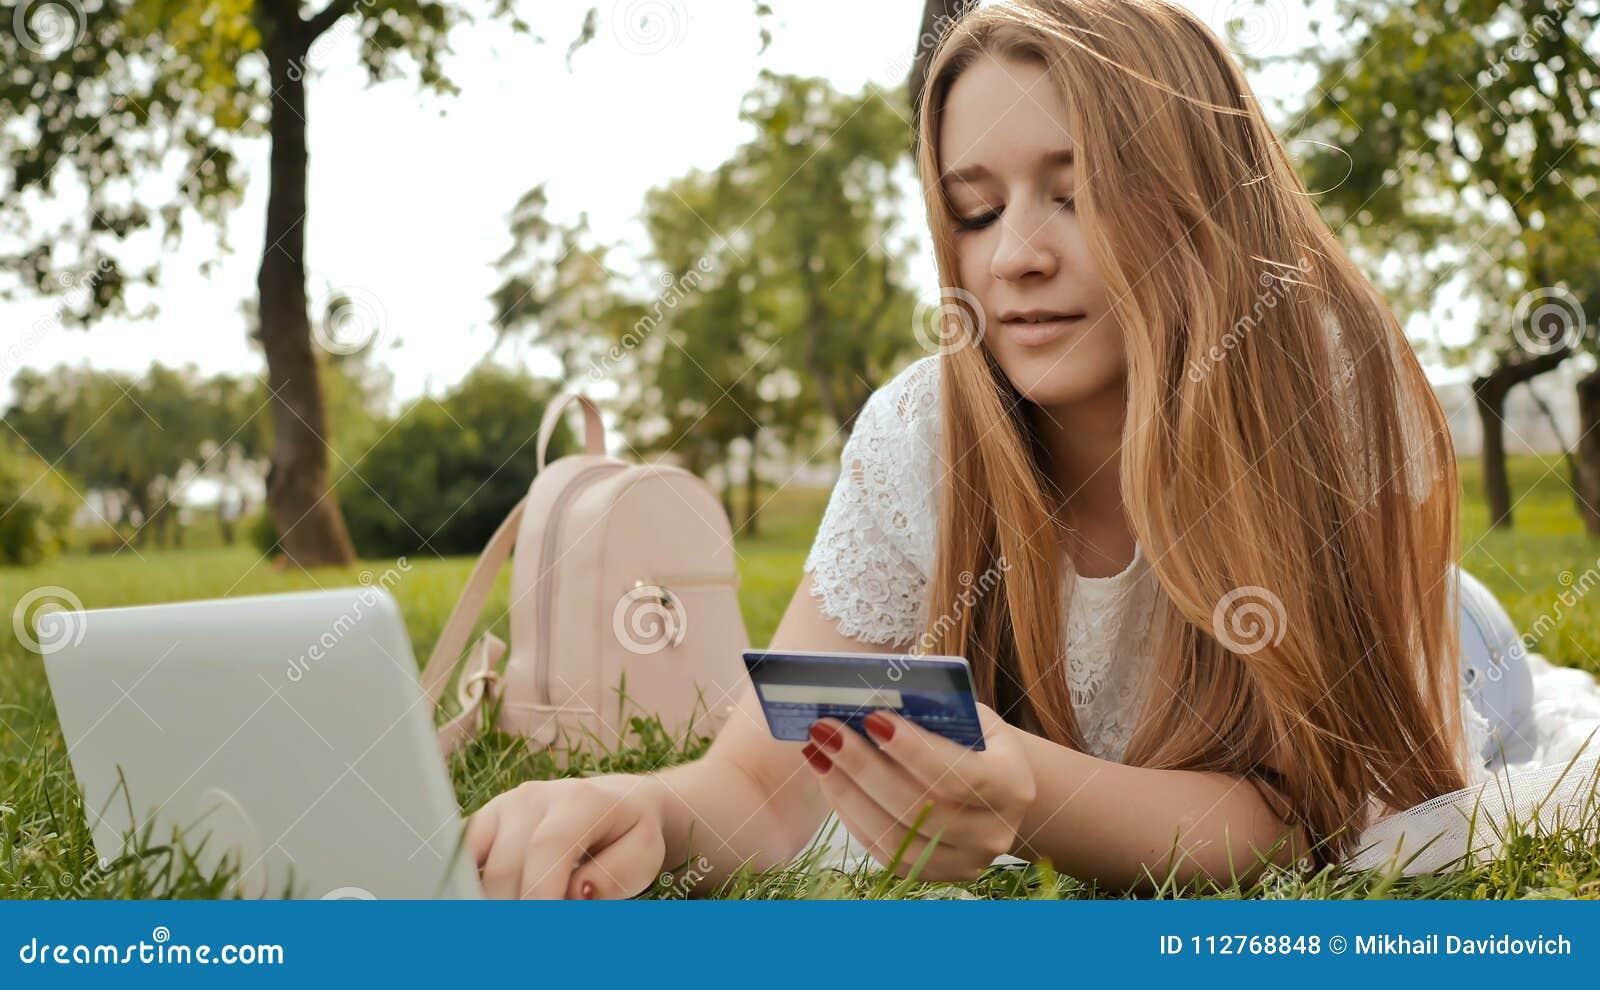 Recht junges Studentenmädchen schließt Käufe on-line unter Verwendung einer Kreditkarte und einer Laptop-Computers ab